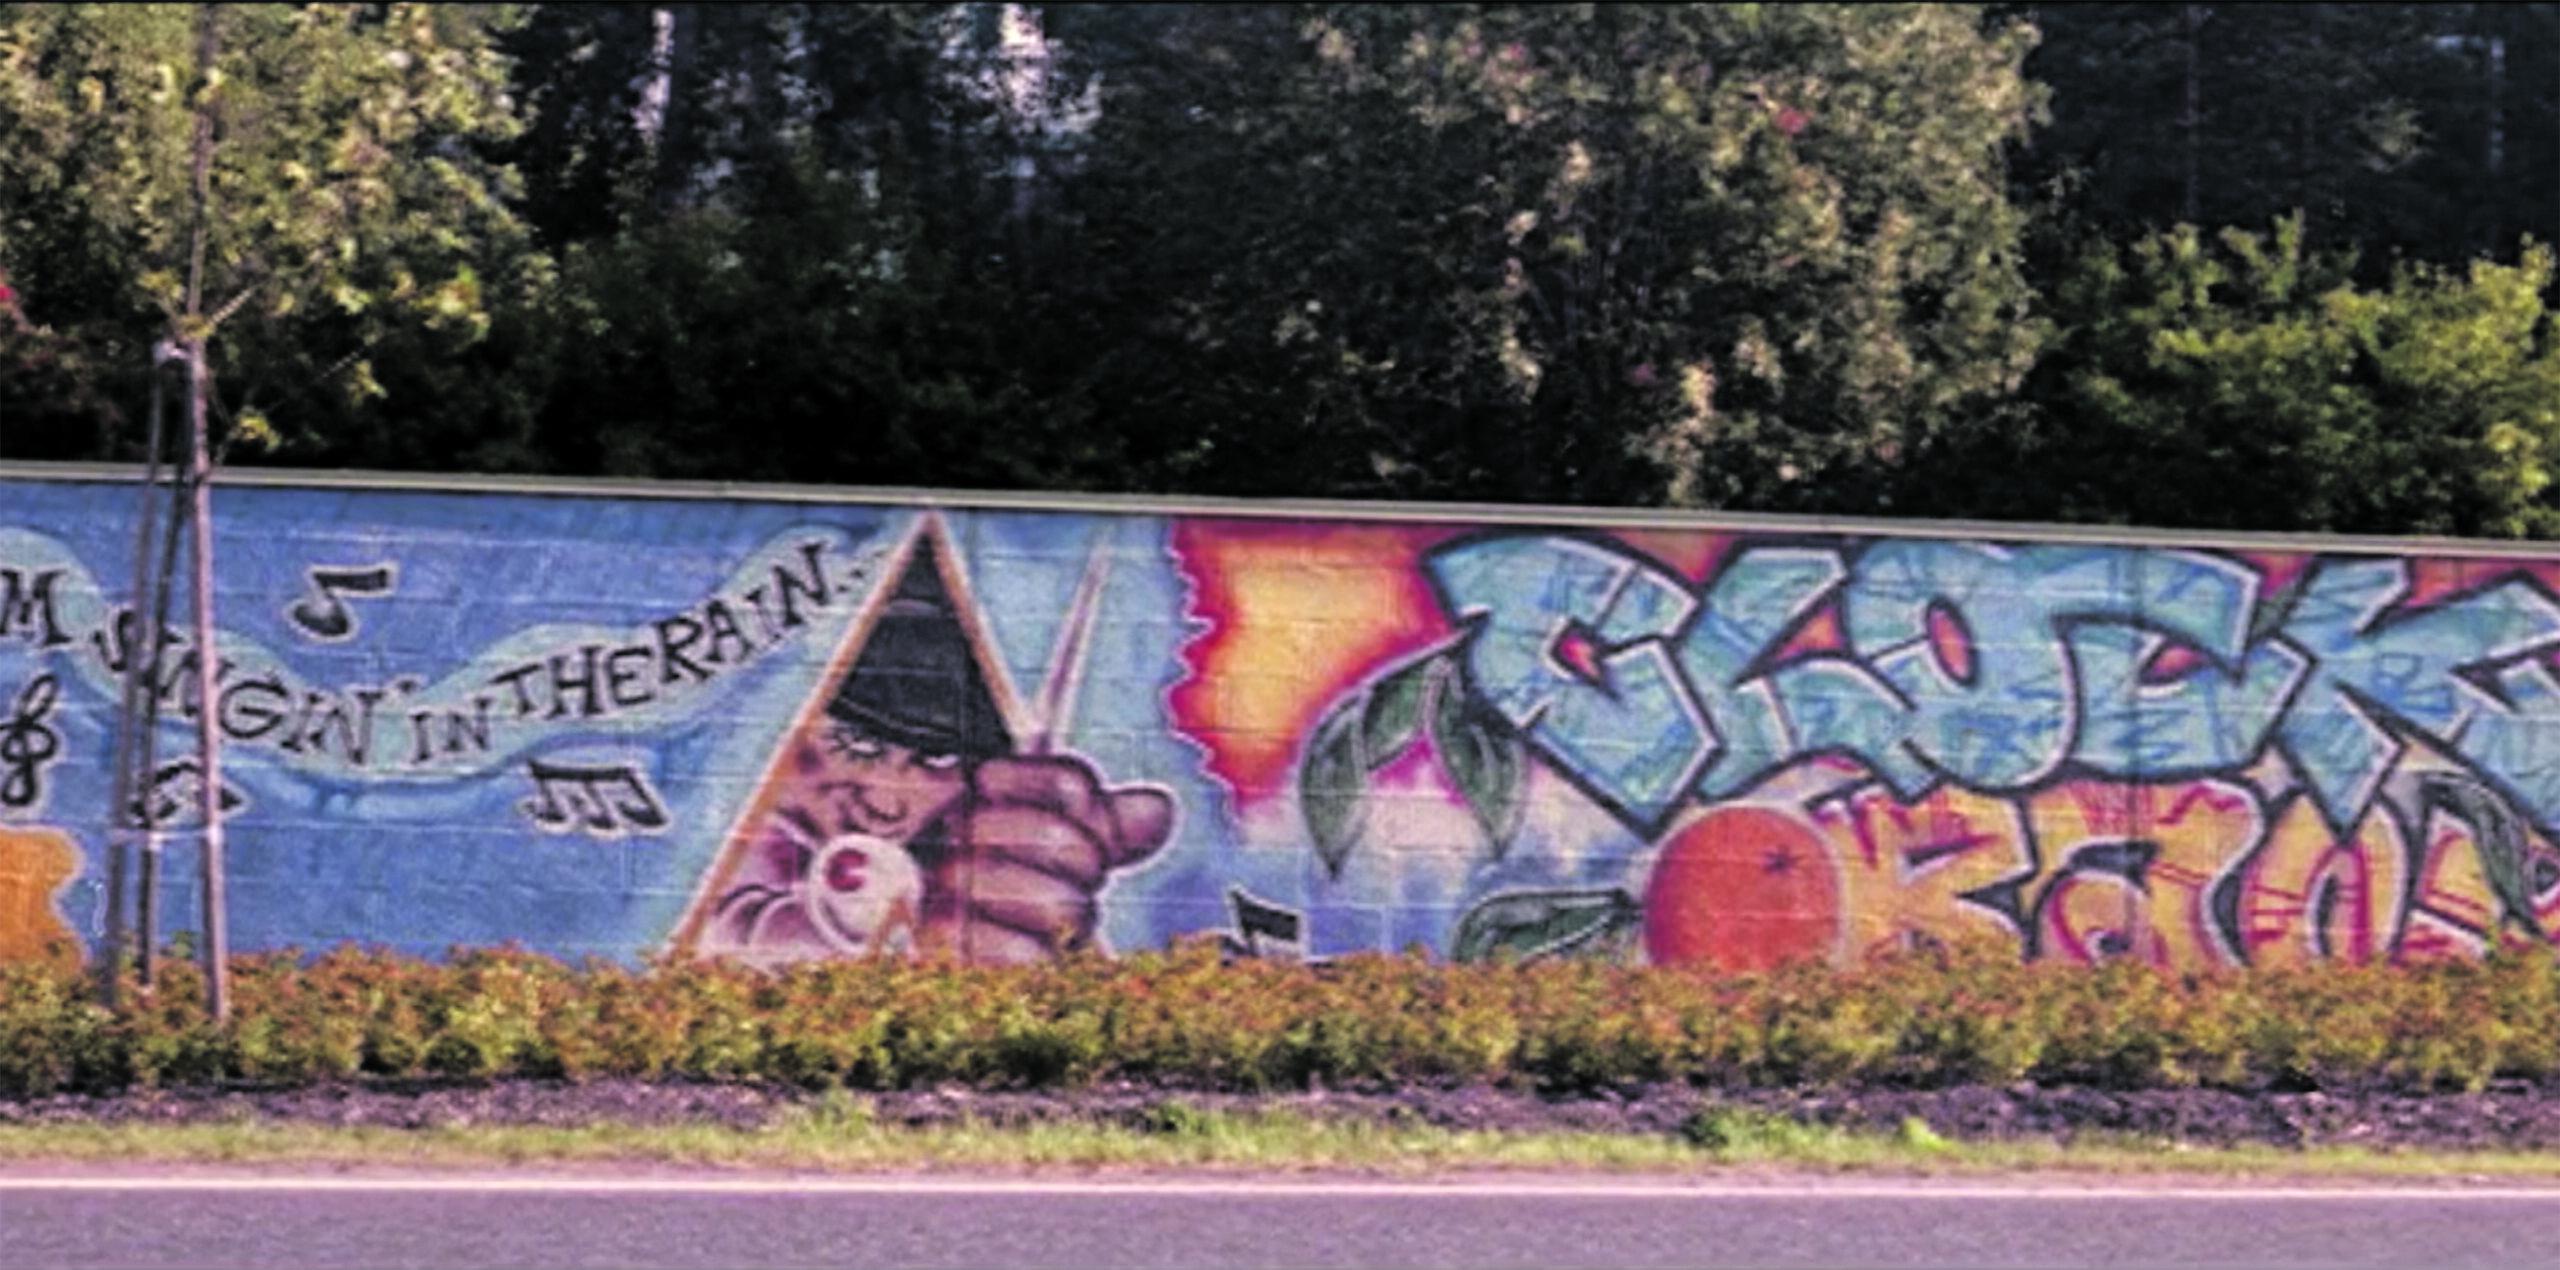 Pala historiaa. Itäväylän melumuuriin Kulosaaren kohdalle vuonna 1991 maalatut luvalliset graffitit olivat ensimmäisen graffitibuumin merkittävin symboli. Helsingin kaupungin valittua nollatoleranssilinjan ja käynnistettyä Stop töhryille -hankkeen vuonna 1998, kaupungin virkamiehet määräsivät muurin maalattavaksi valkoiseksi. Likaisen harmaa muuri on Stop töhryille -hankkeen monumentti, jossa näkyy edelleen vanhojen teosten ääriviivoja. Se on elävä muistomerkki politiikasta, jonka ei toivota palaavan.